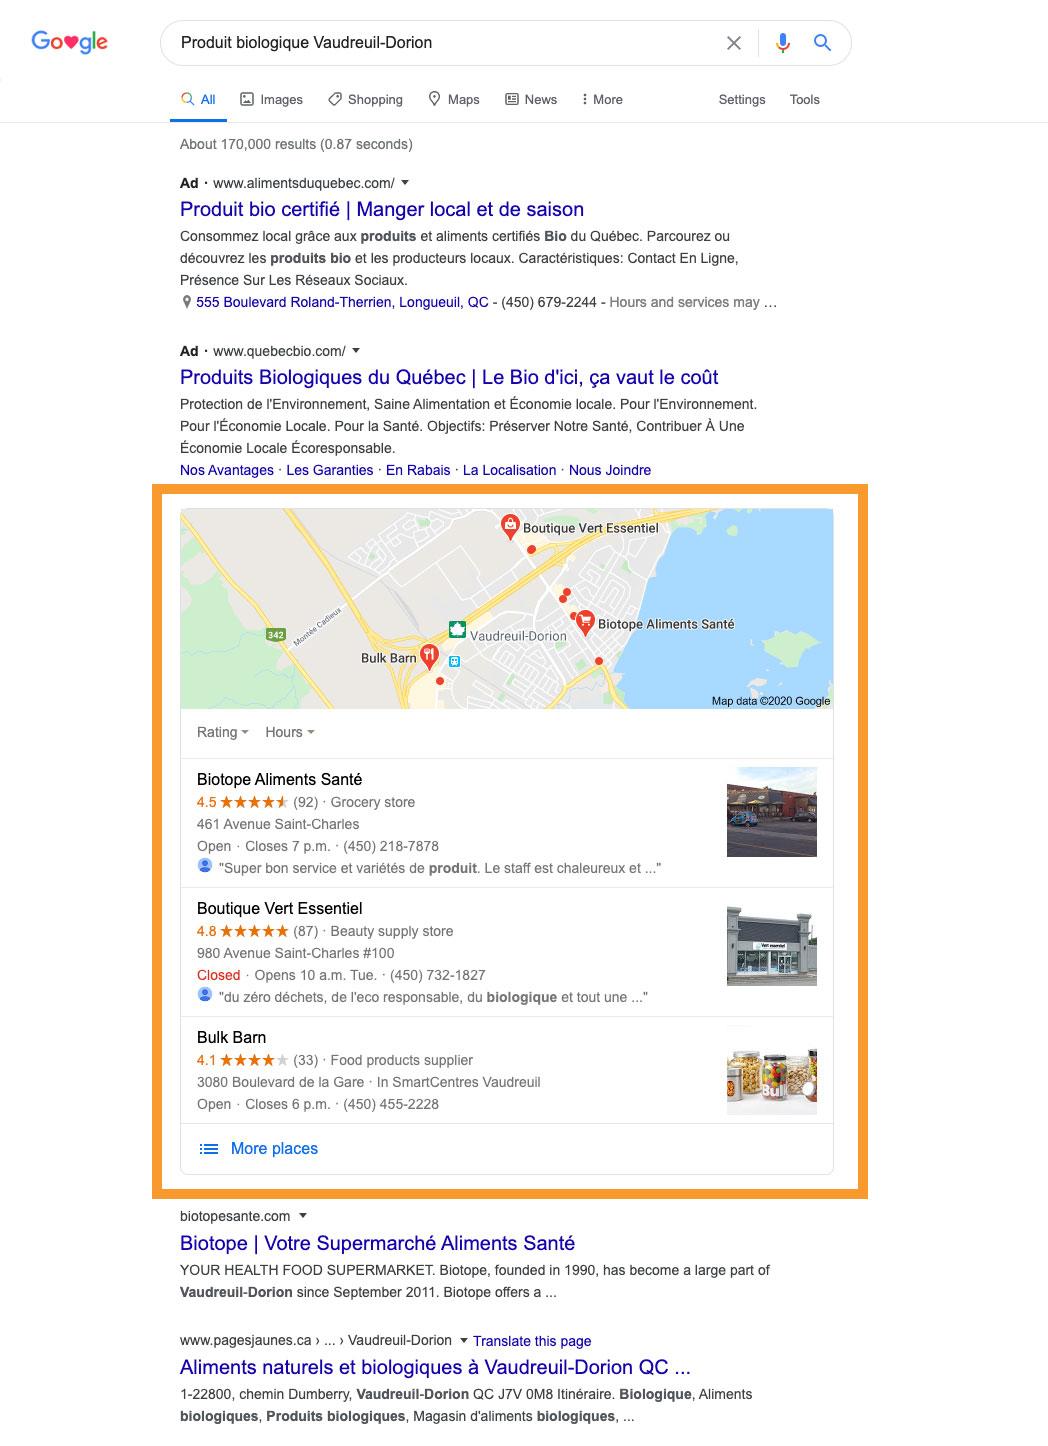 Mots De Transition Seo : transition, Comment, Apparaître, Premier, Google, Guide, Complet, Altitude, Stratégies